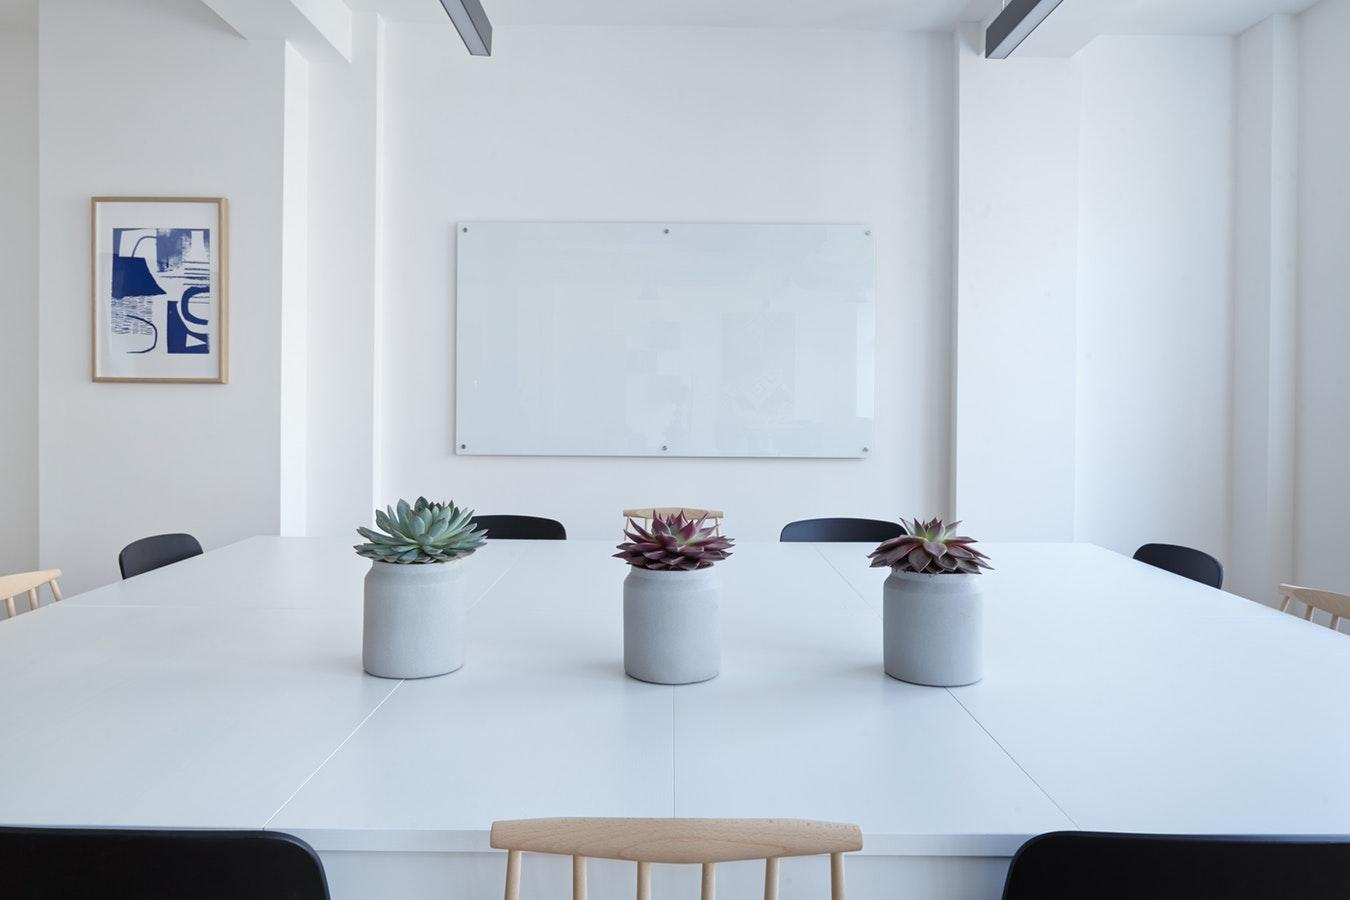 植物扦插成活率高, 分享4种常见的扦插方式